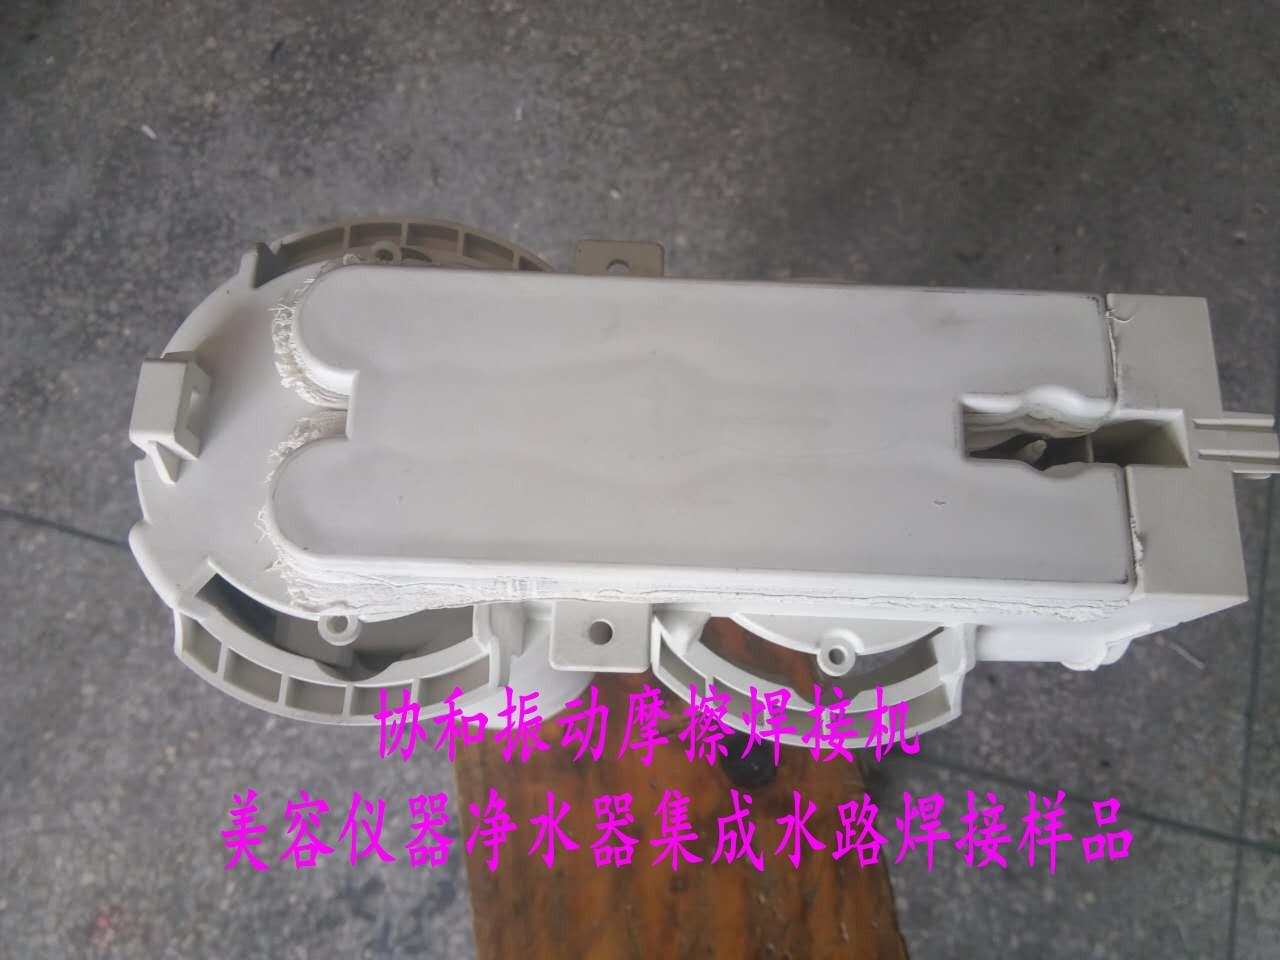 振动摩擦机 PP玻纤板焊接 压力桶防水气密焊接并代加工震动摩擦机示例图7